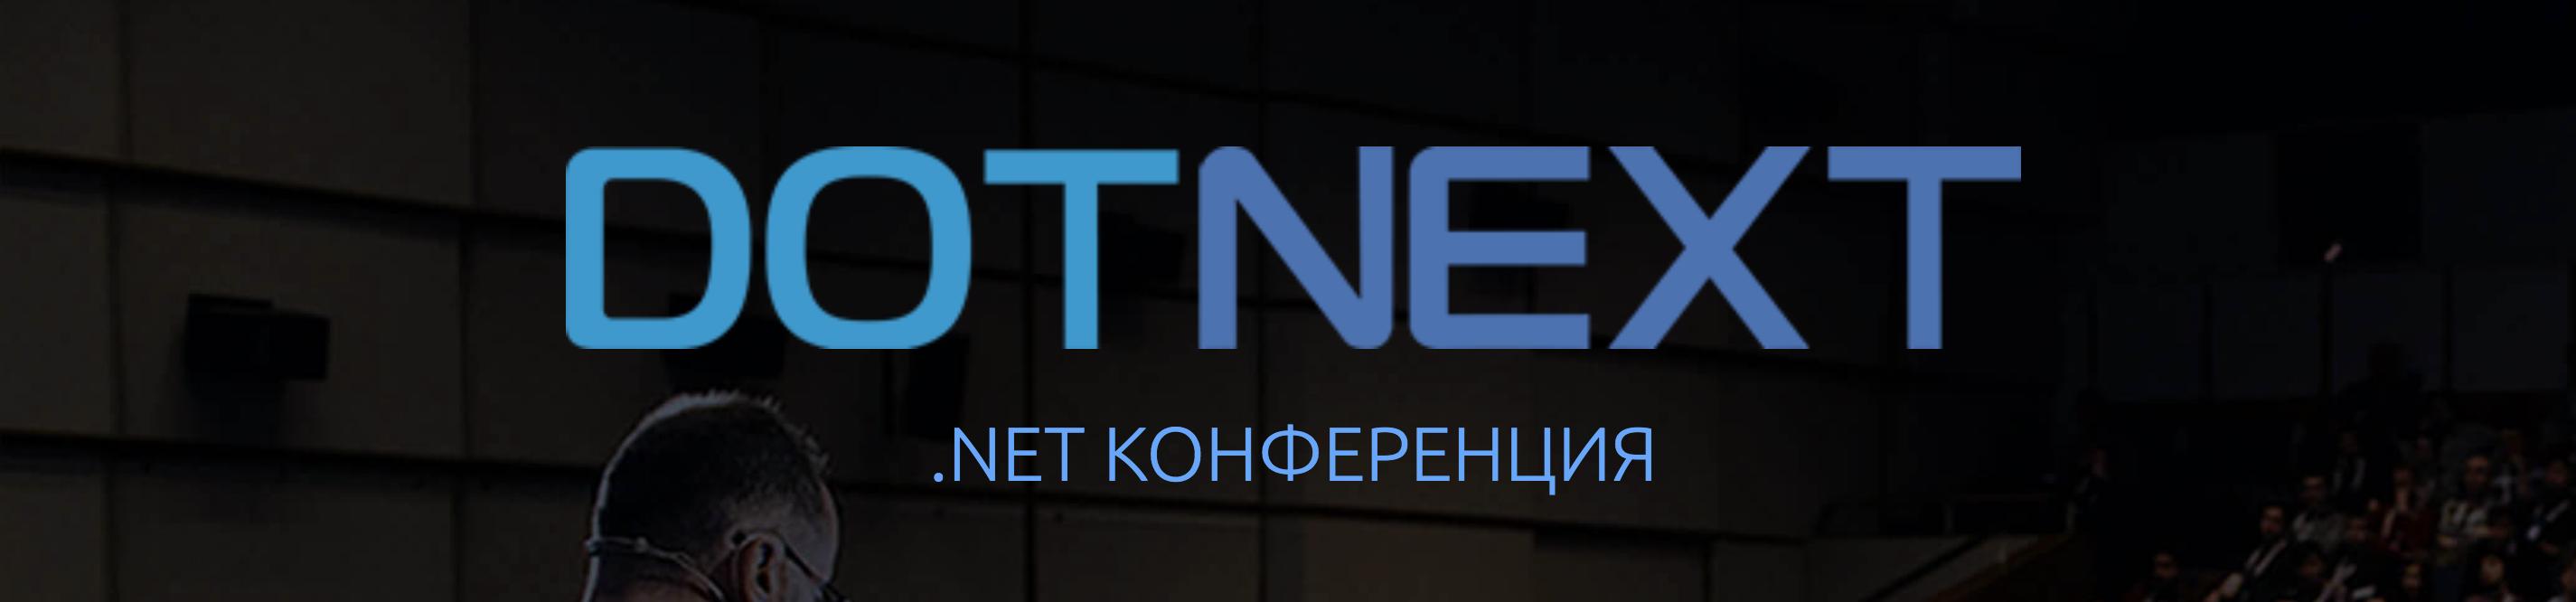 DotNext 2017 Moscow: возвращение хардкора